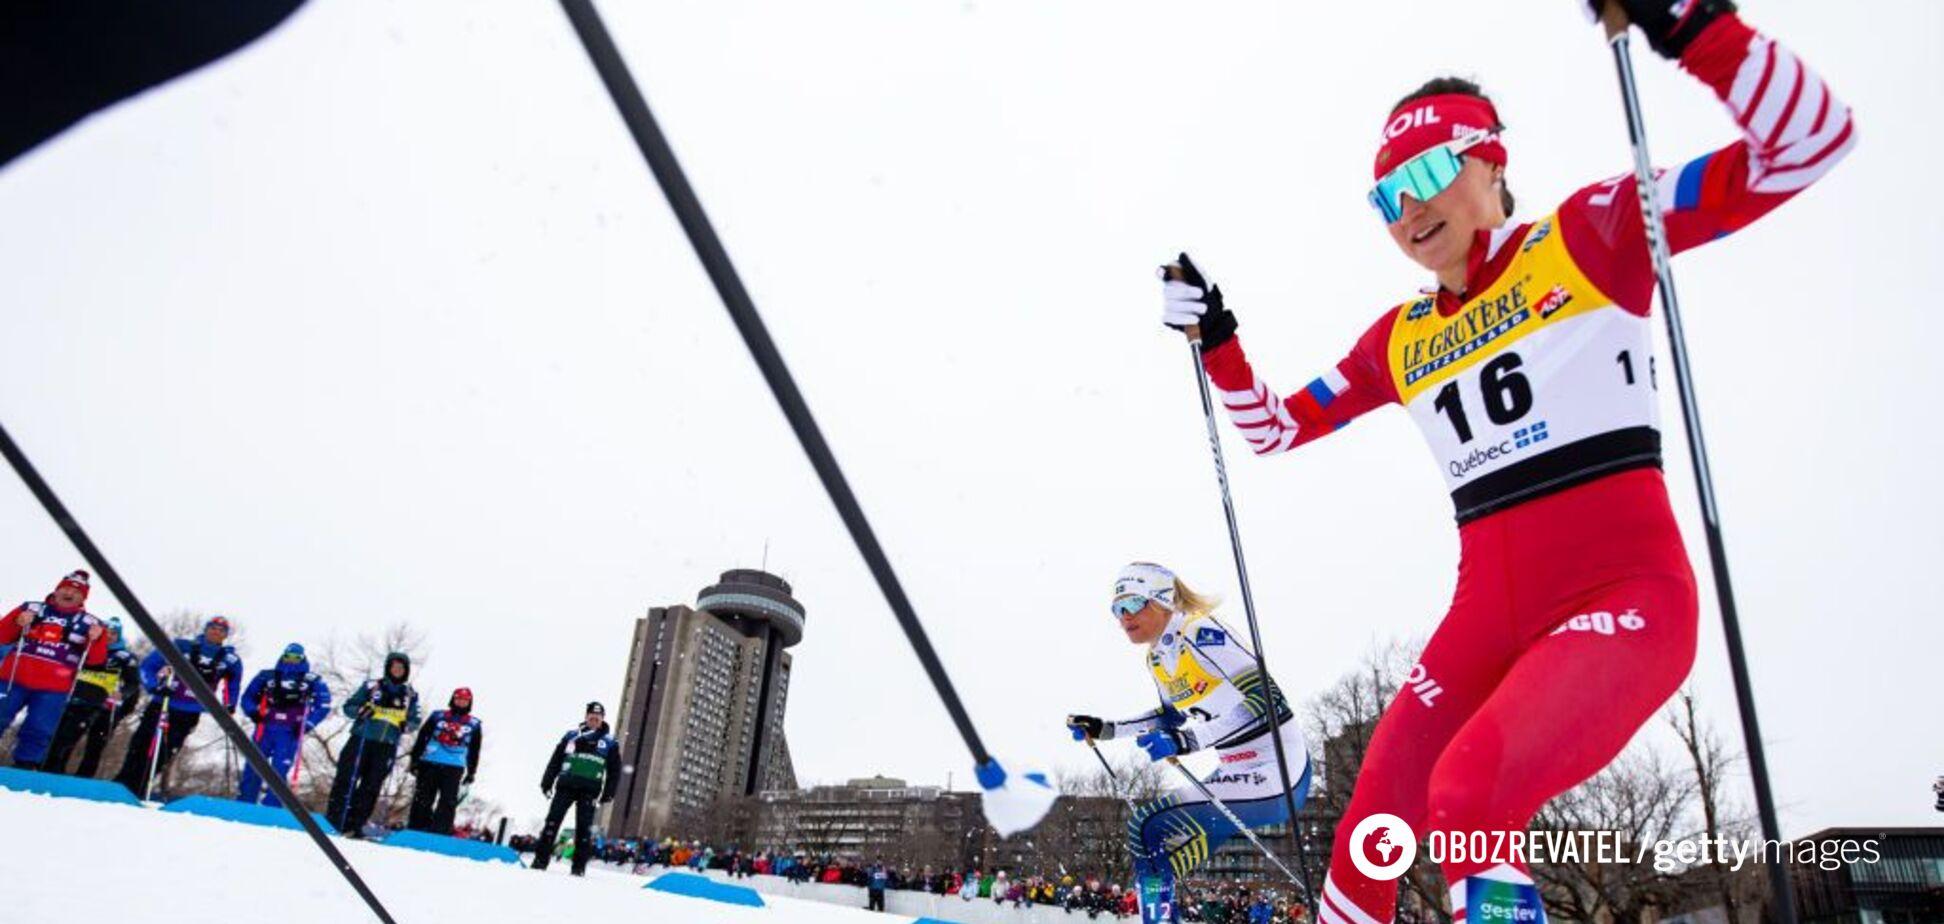 Со всего размаху: российская лыжница совершила свинский поступок на Кубке мира